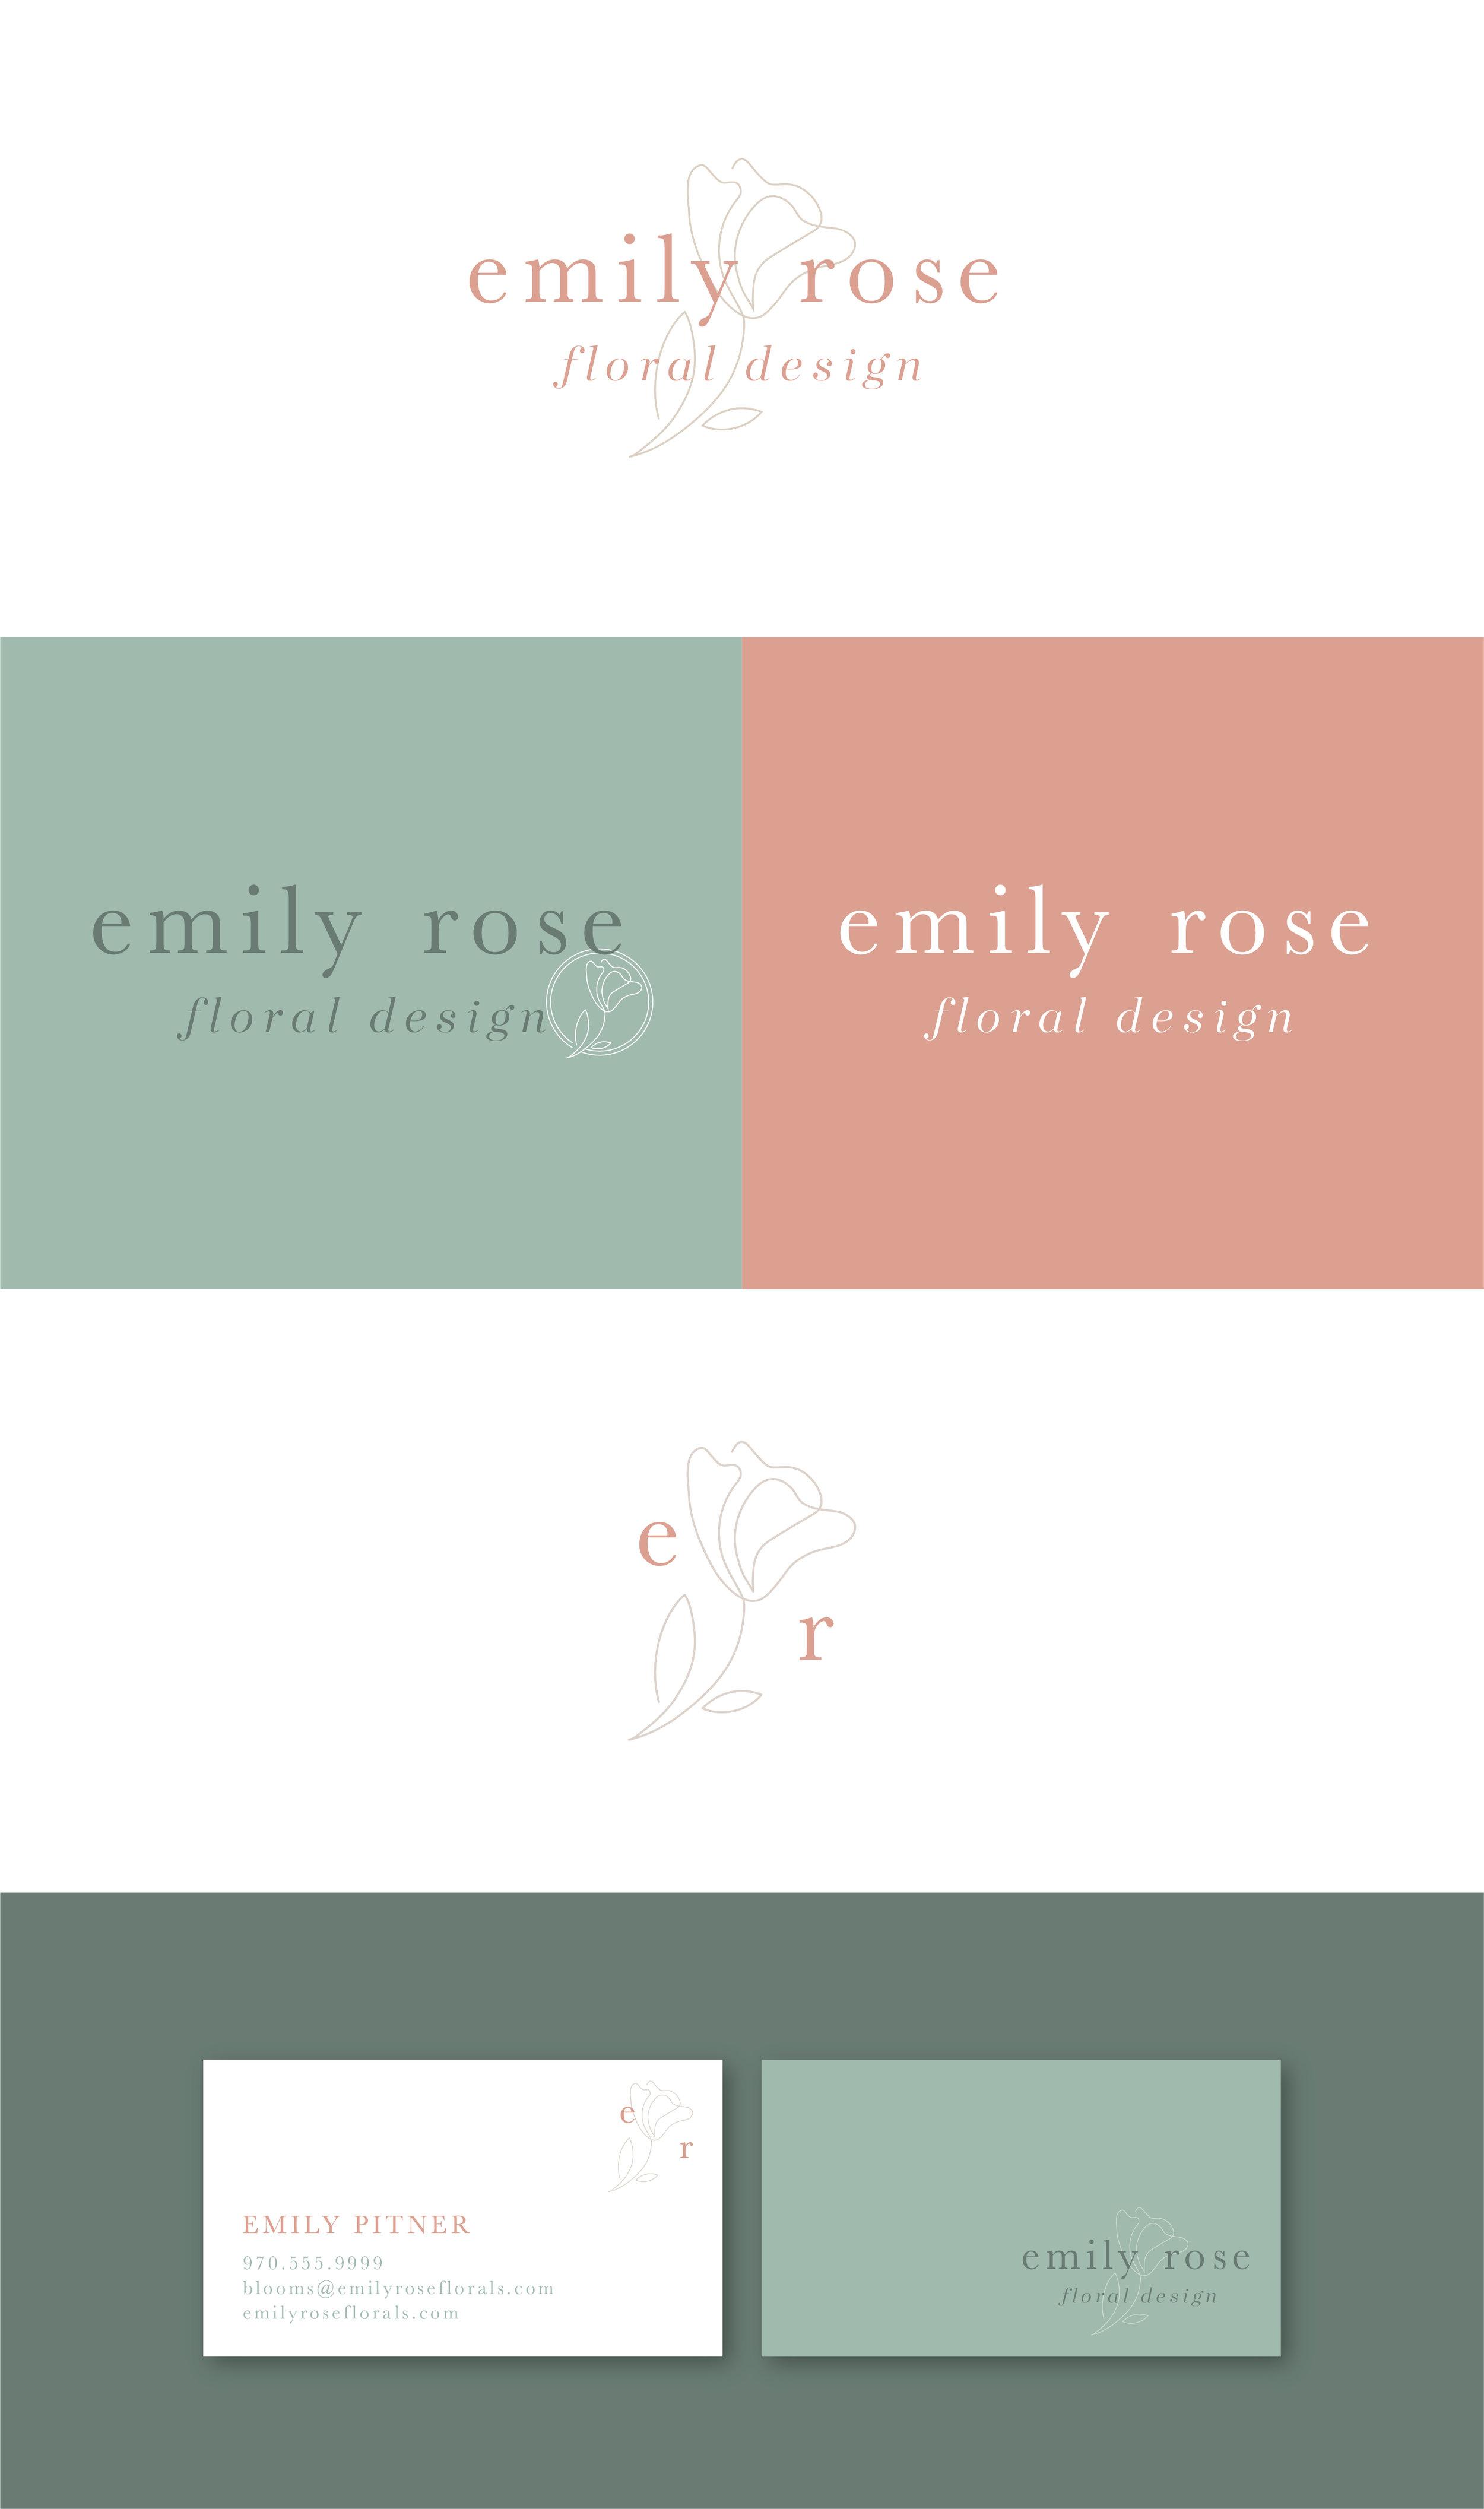 EmilyRose_FirstLook-06.jpg